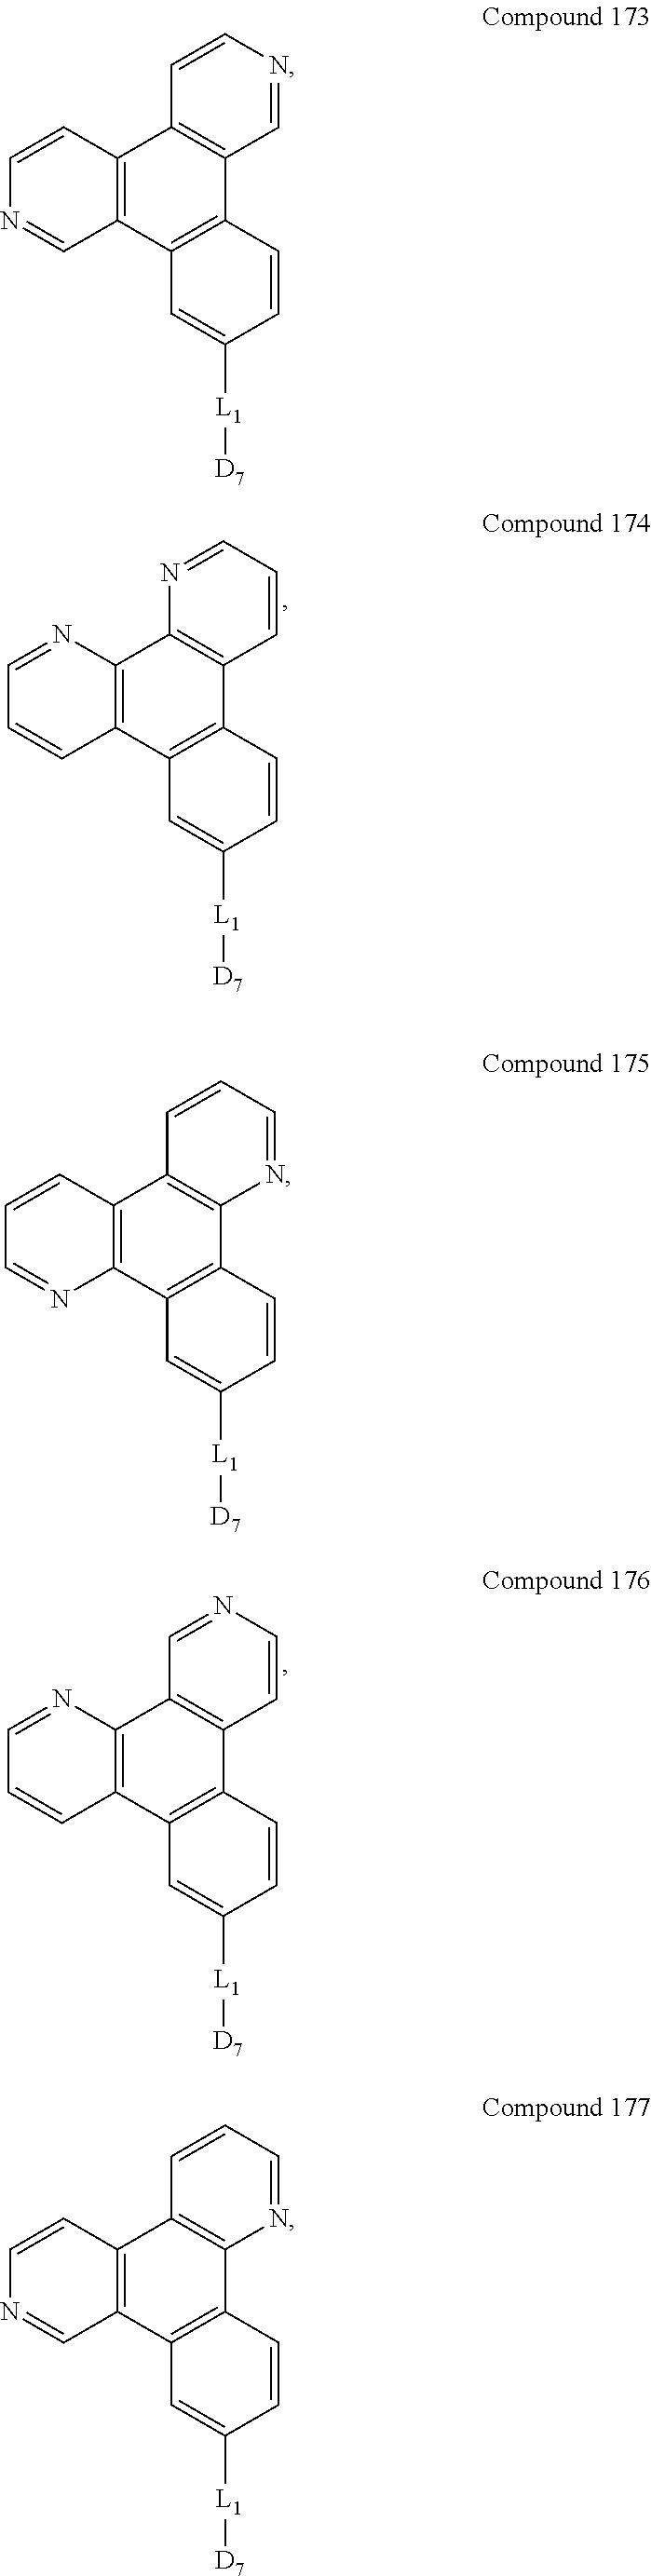 Figure US09537106-20170103-C00613